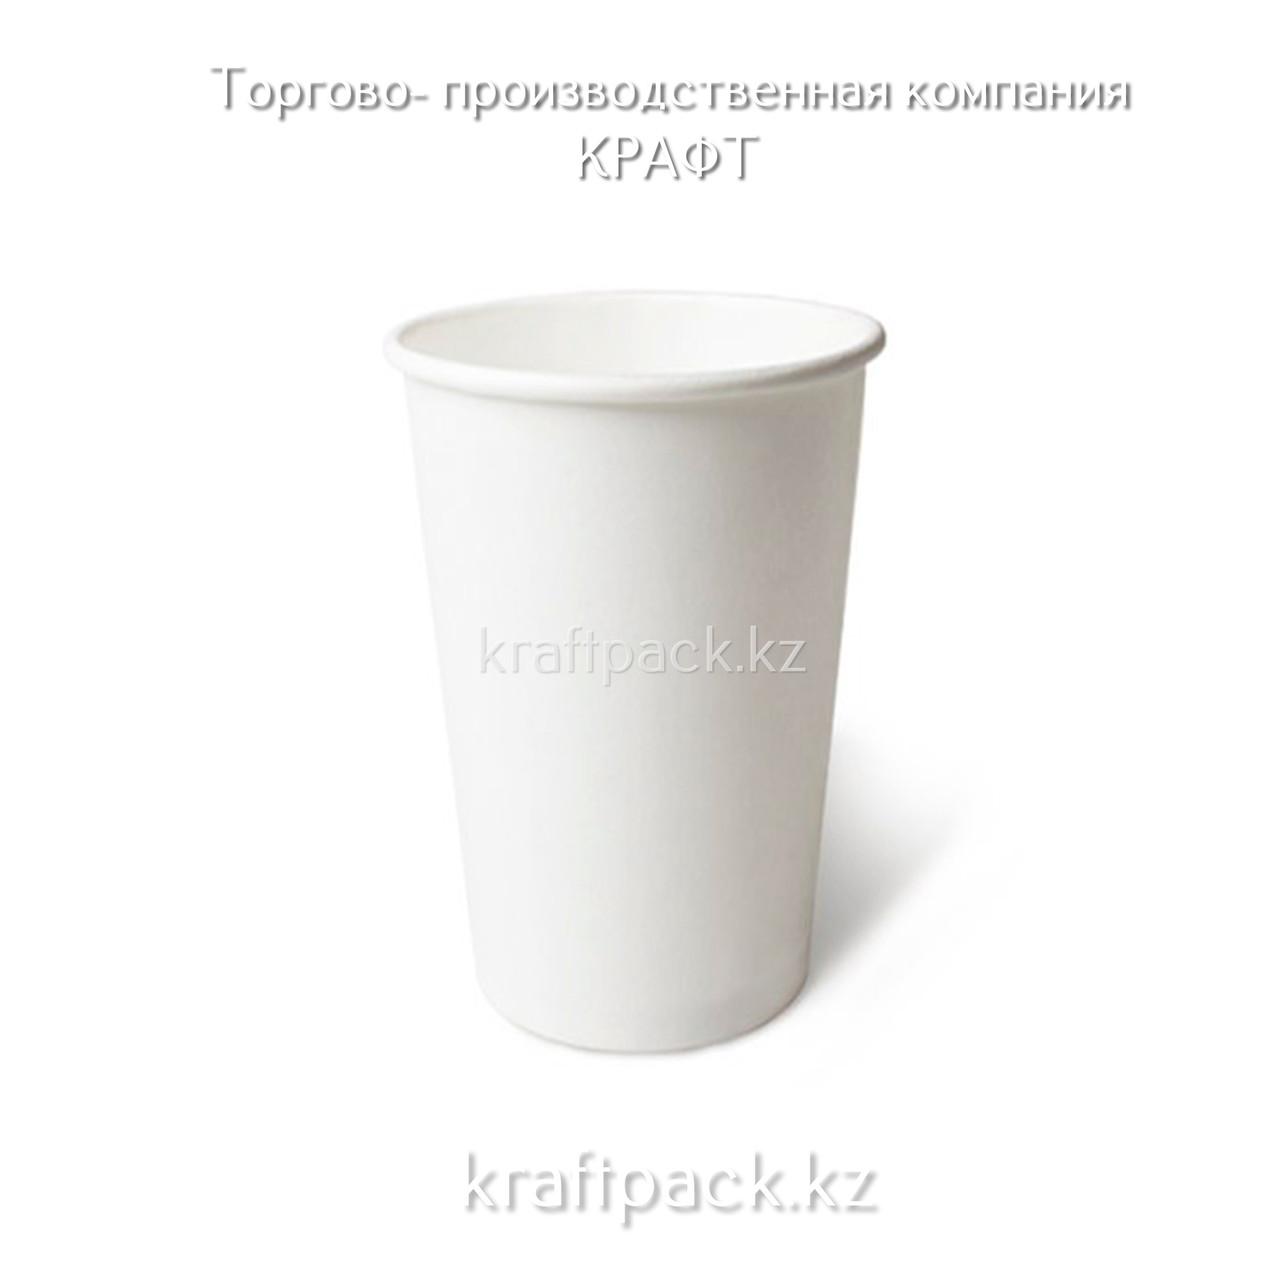 Бумажный стакан белый  для горячих/холодных напитков 450мл (16 OZ) D90 (50/1000)